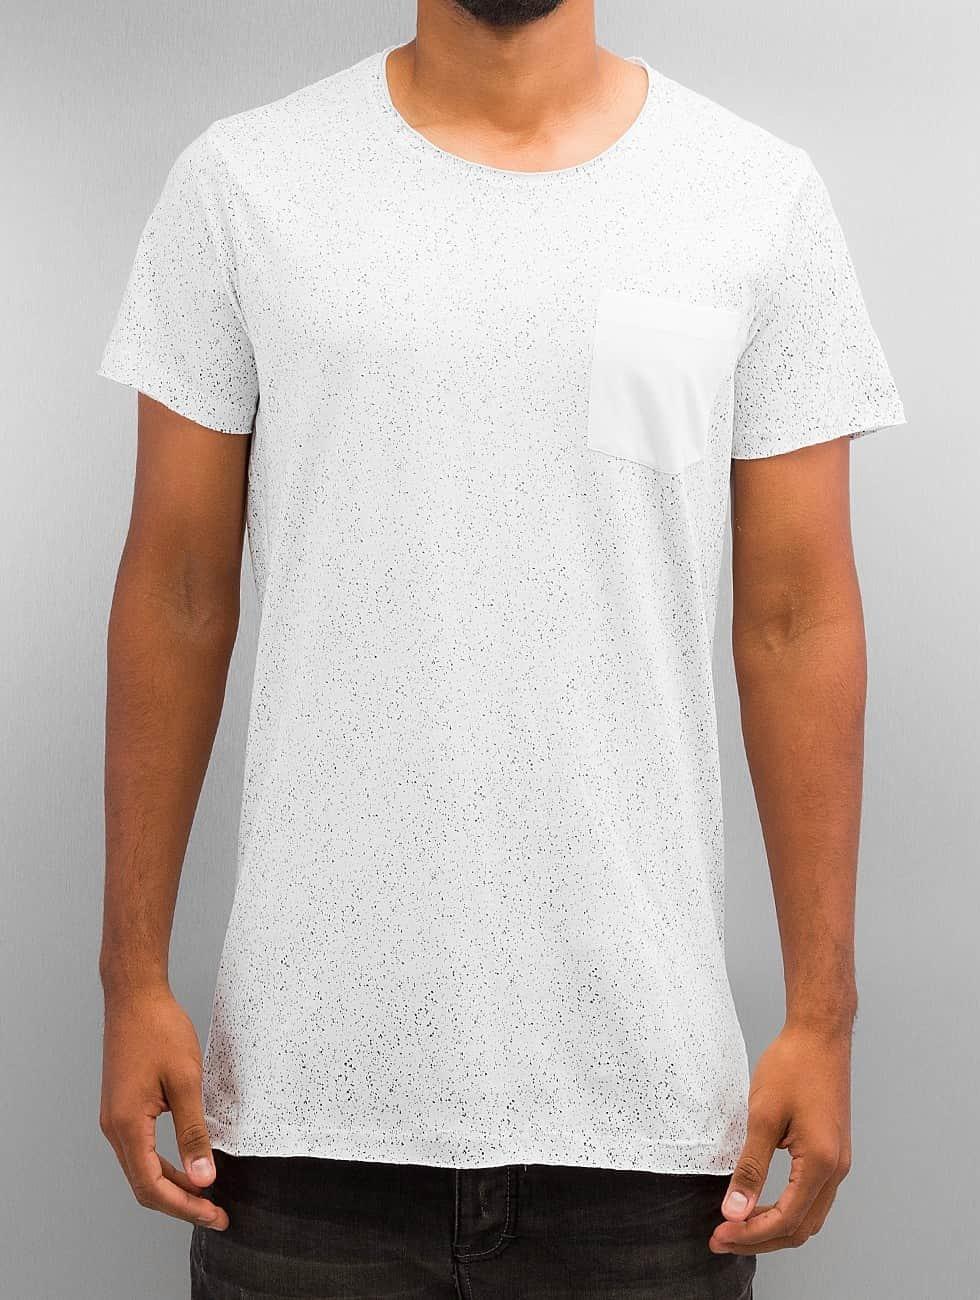 SHINE Original T-Shirt All Over weiß